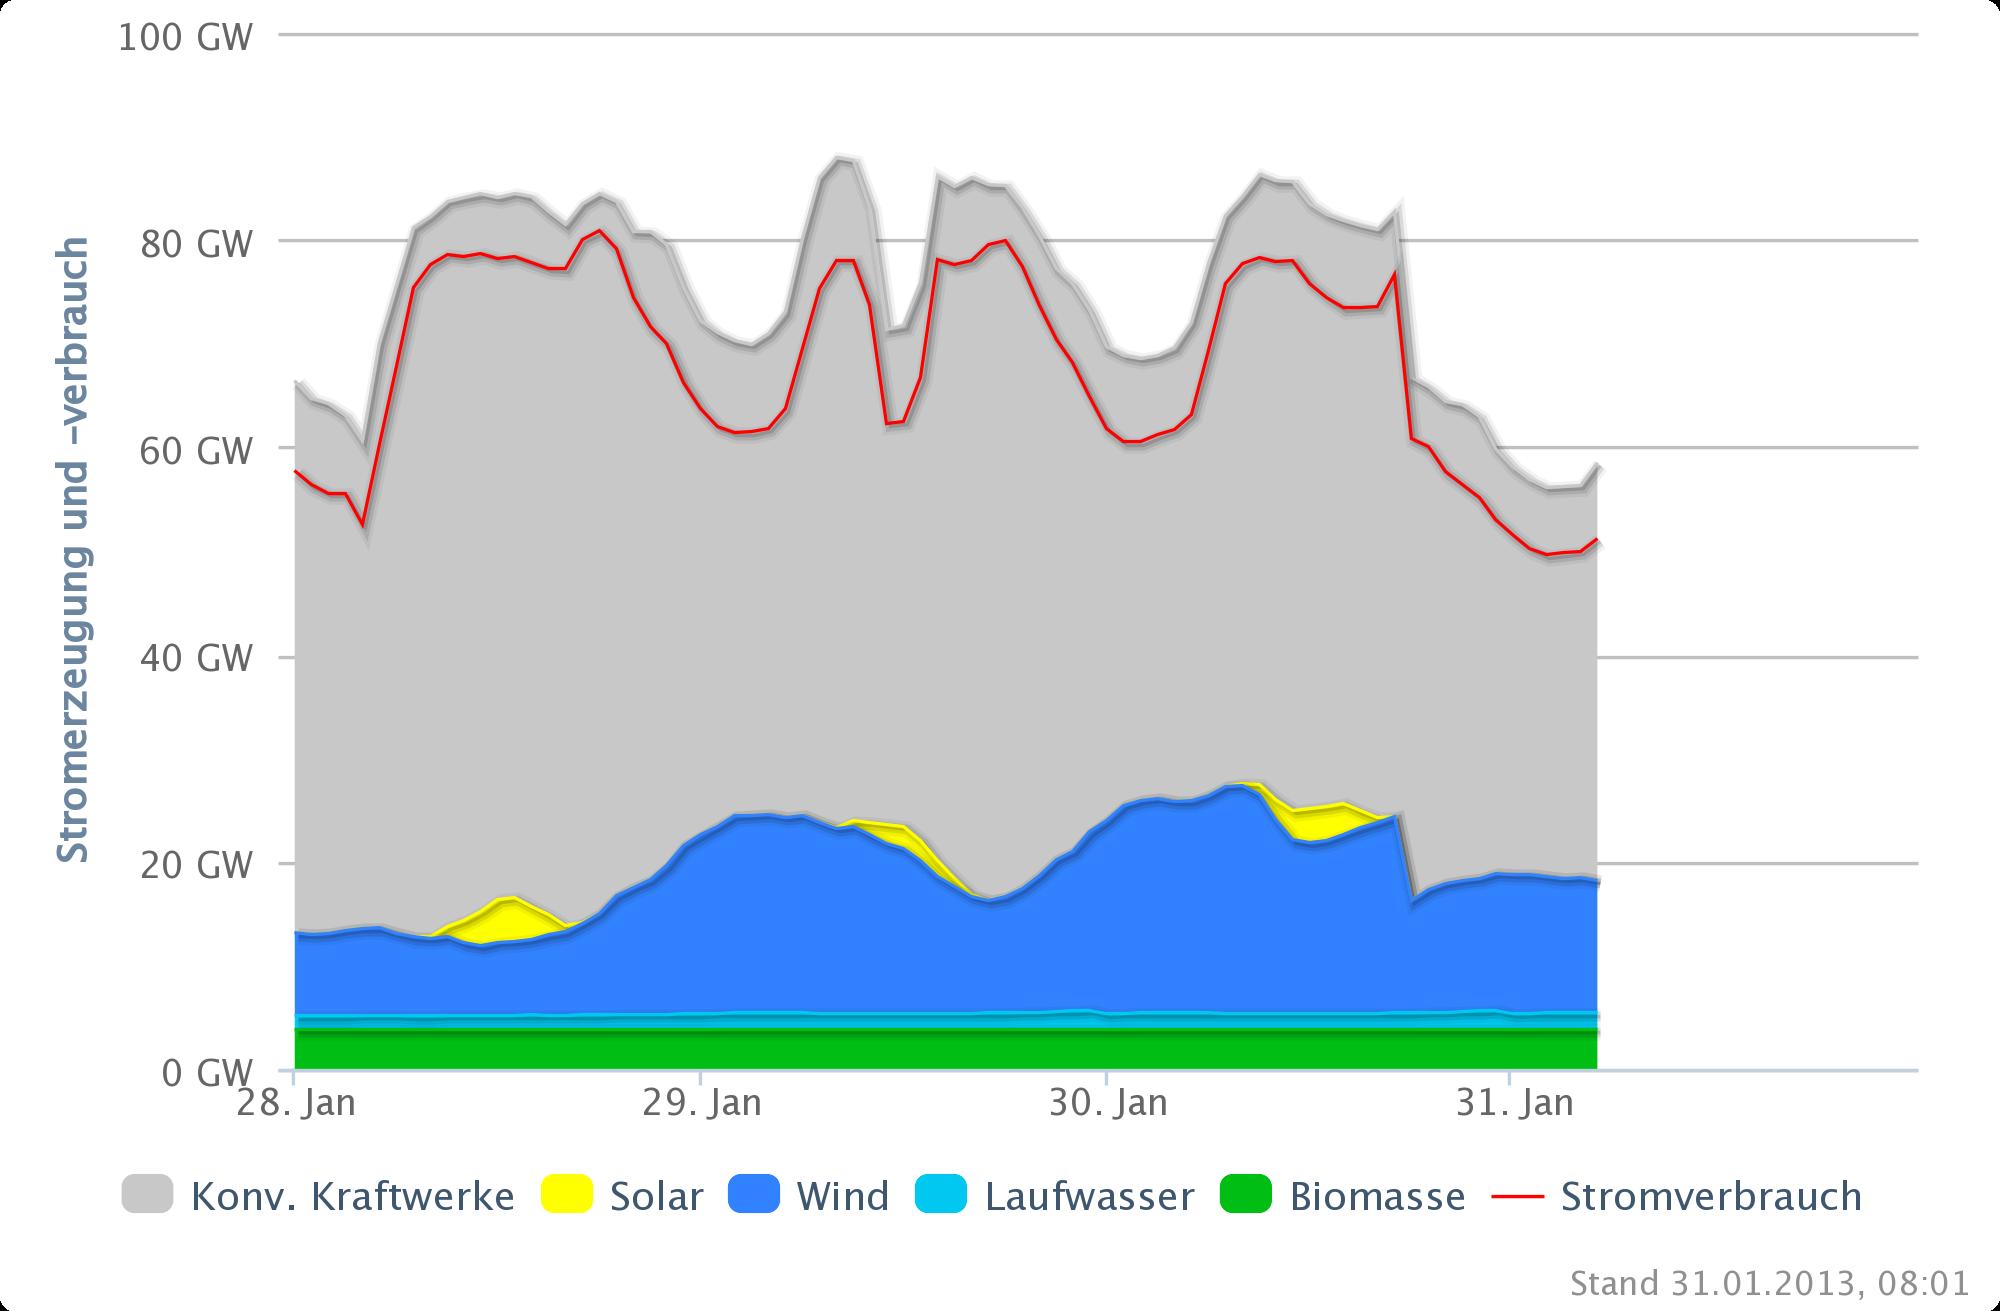 Tagesaktuelle Werte für Stromproduktion erneuerbarer Energien im Vergleich zum Stromverbrauch